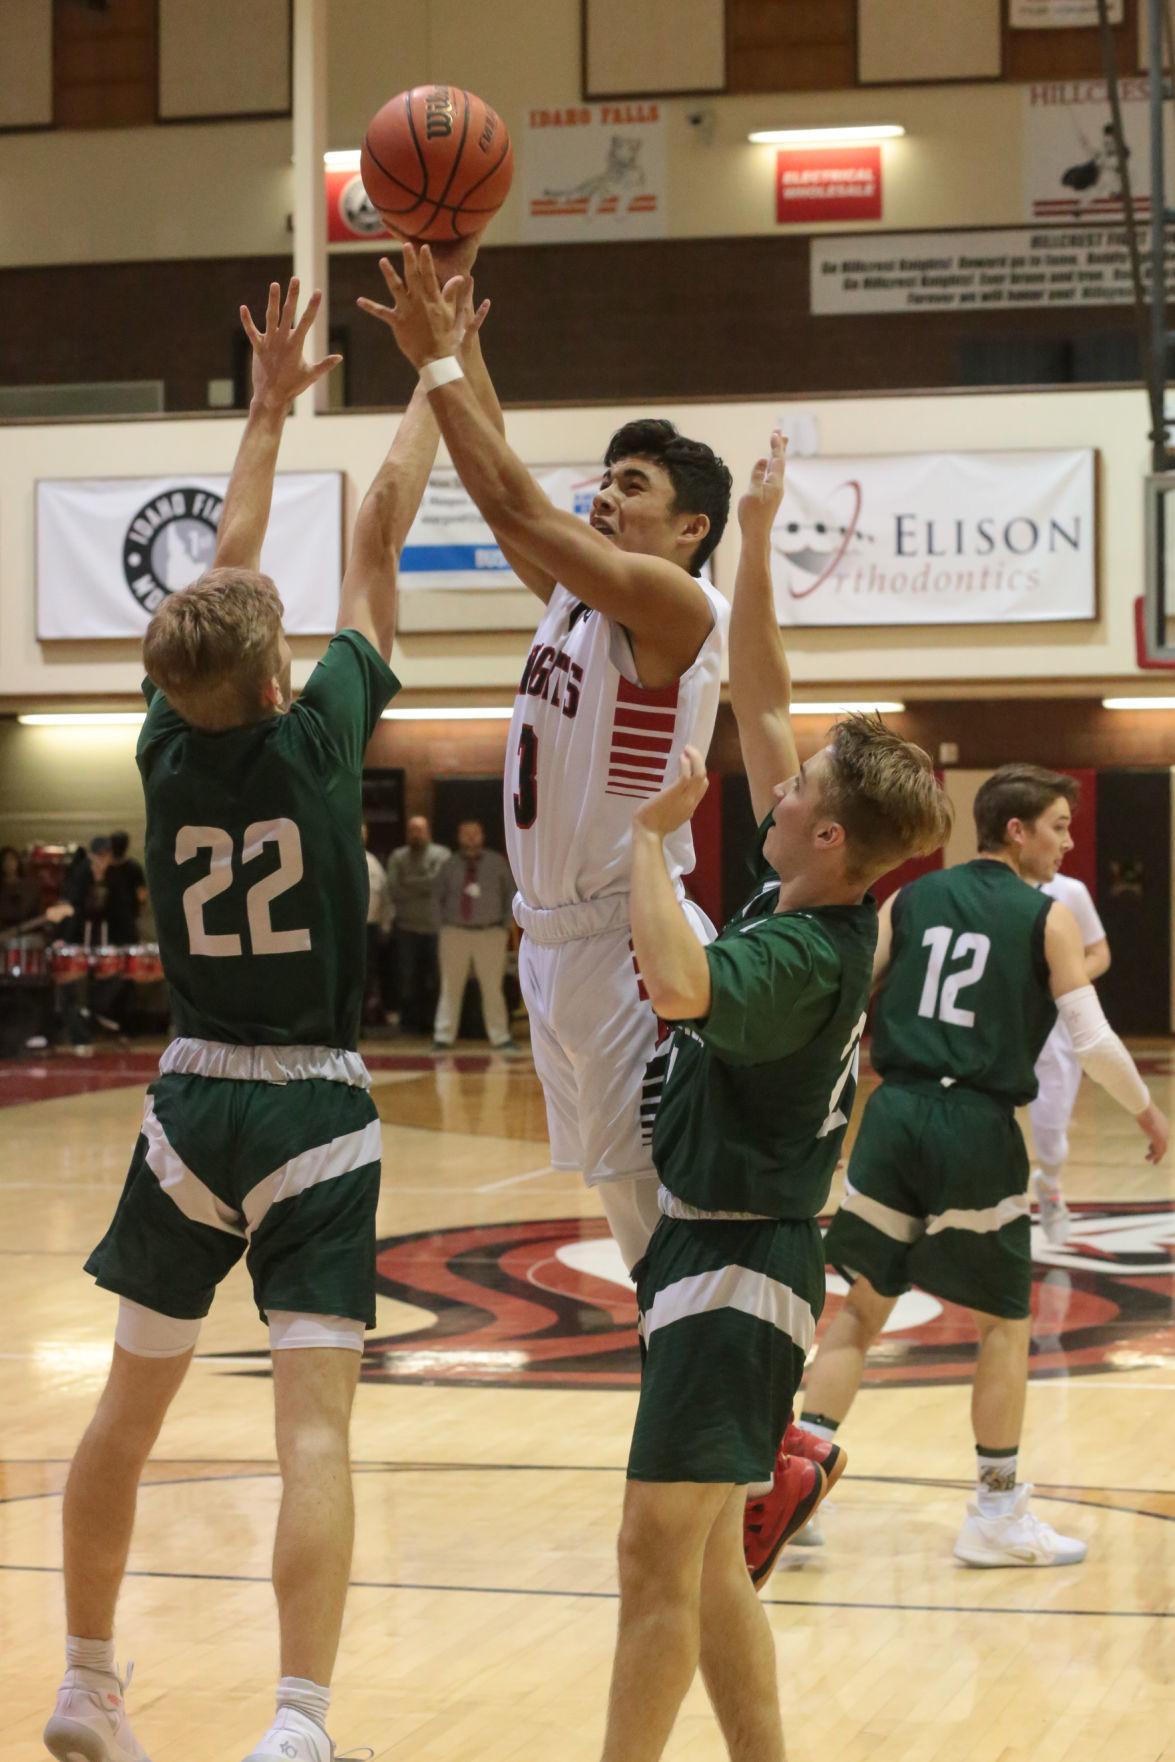 Hillcrest vs Bonneville boys basketball